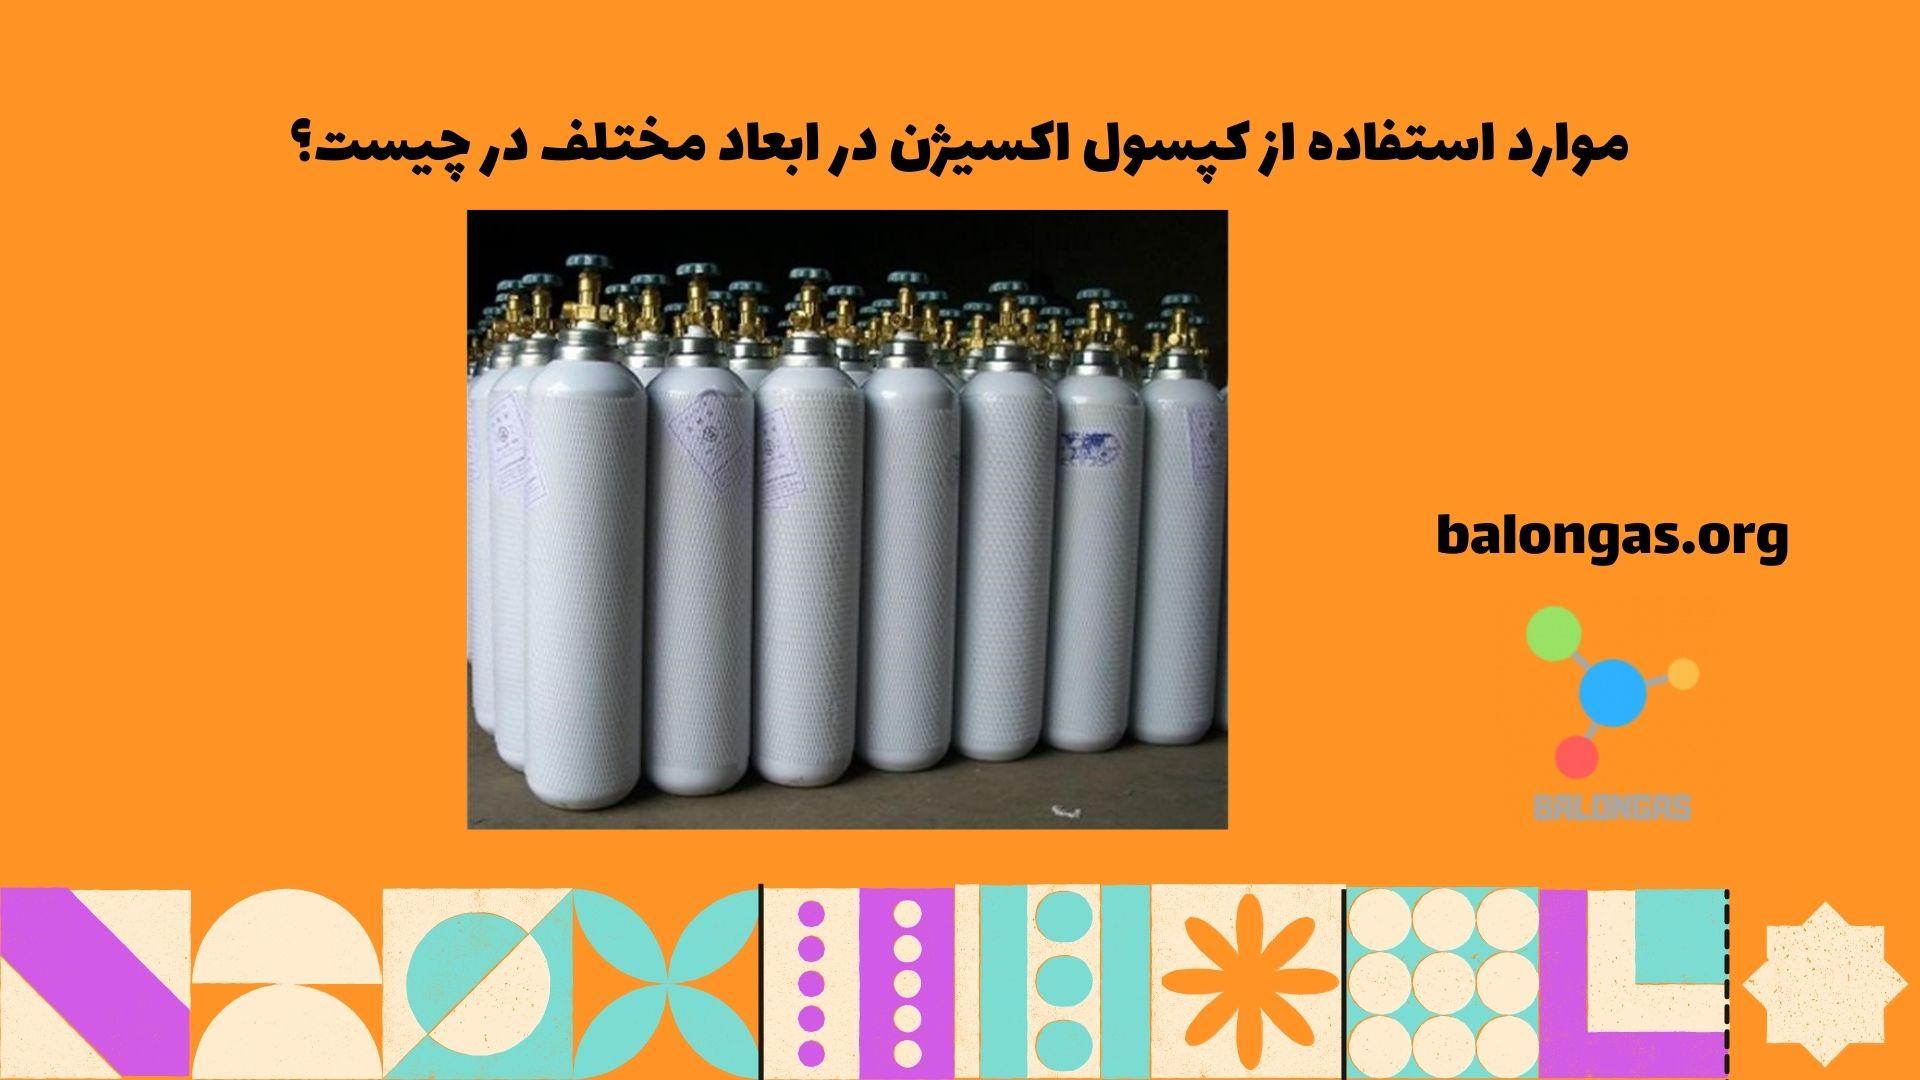 موارد استفاده از کپسول اکسیژن در ابعاد مختلف در چیست؟